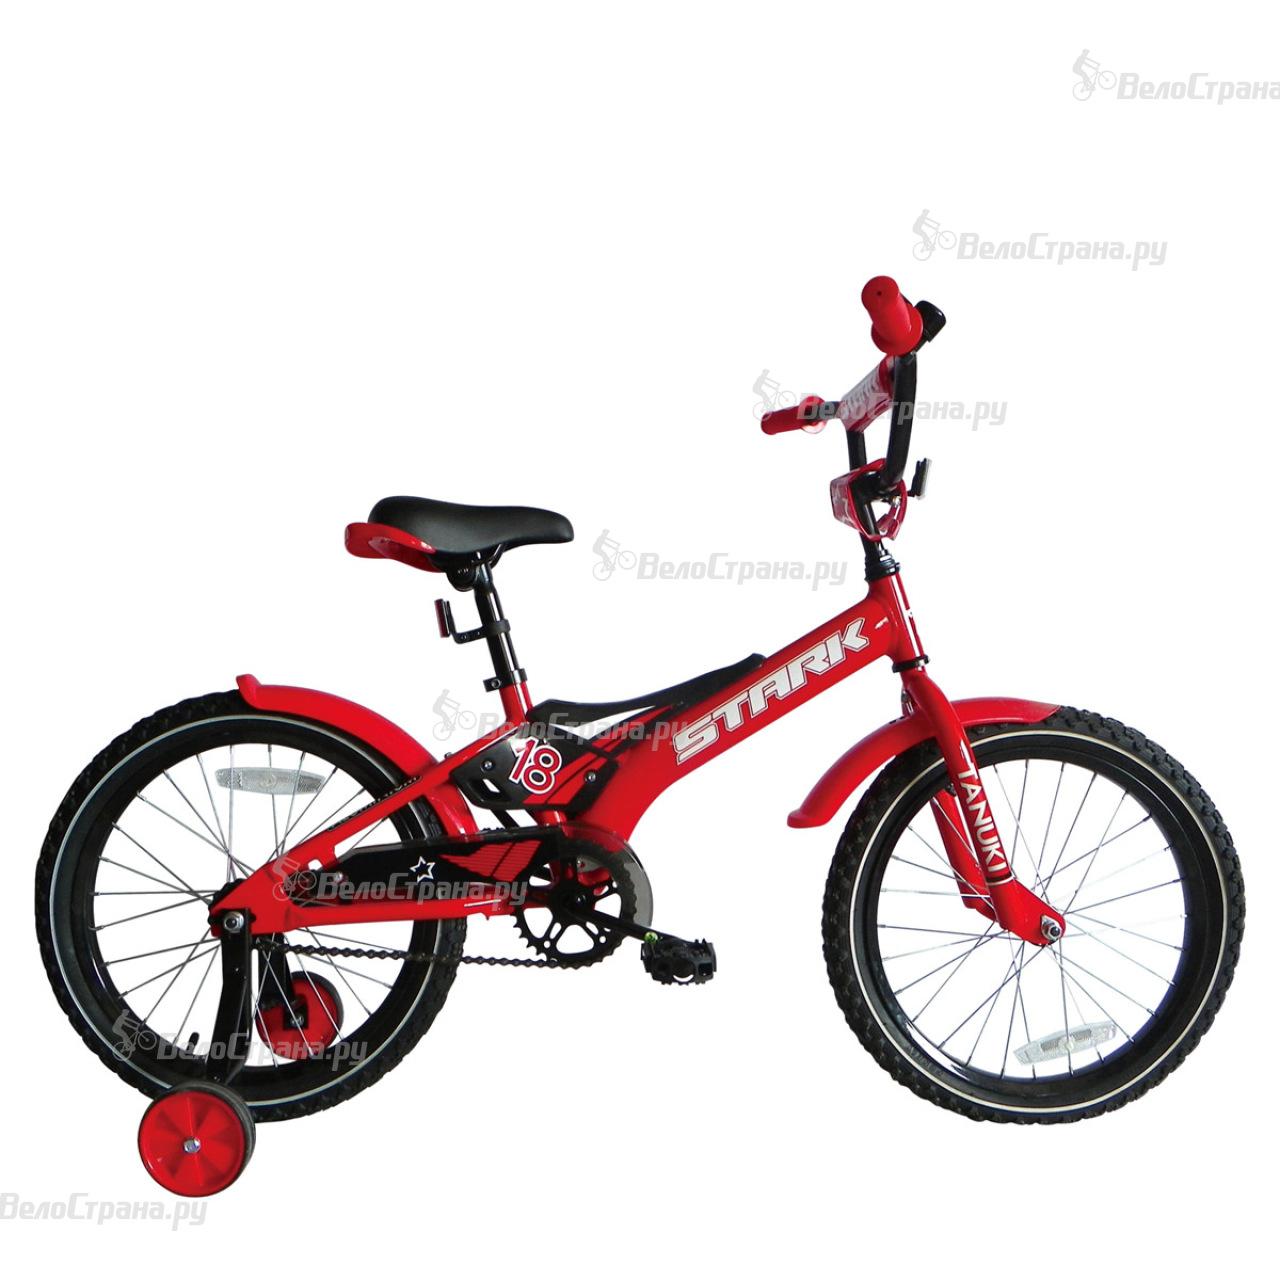 Велосипед Stark Tanuki 18 Boy (2017) велосипед stark tanuki 14 boy 2017